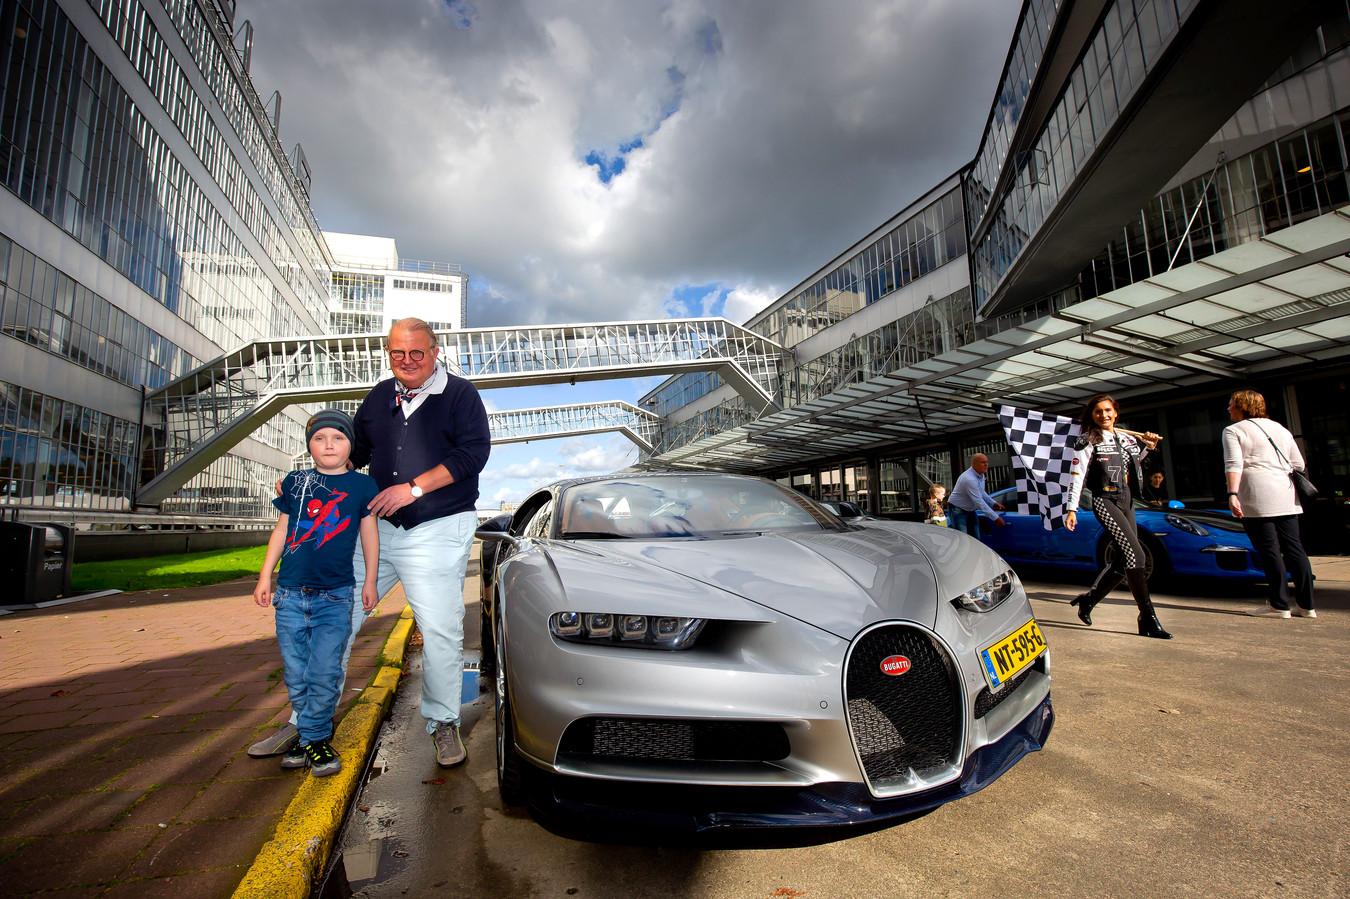 Michel Perridon met een Bugatti in actie voor de stichting Kanjer Wens die dagjes uit houdt voor kinderen met kanker, hun ouders en broertjes en zusjes.